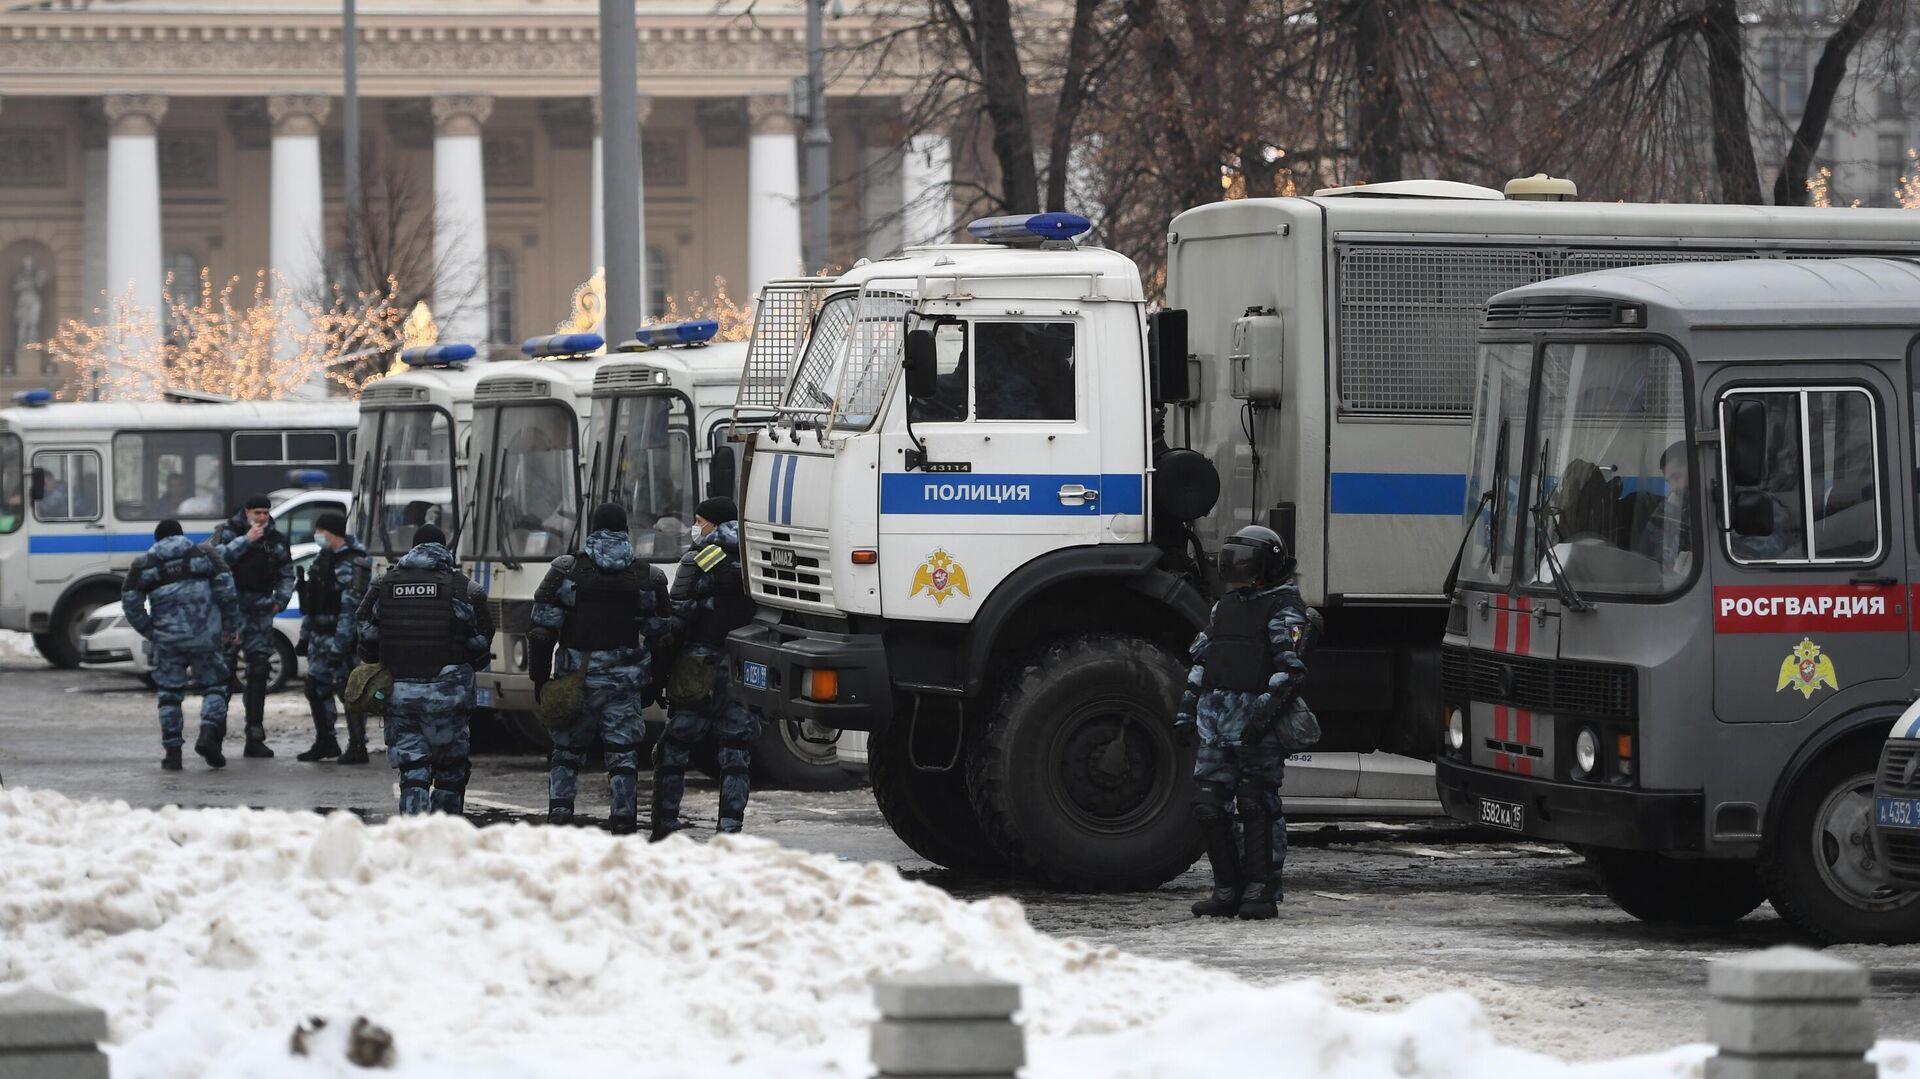 Сотрудники полиции на Театральной площади в Москве - РИА Новости, 1920, 28.01.2021